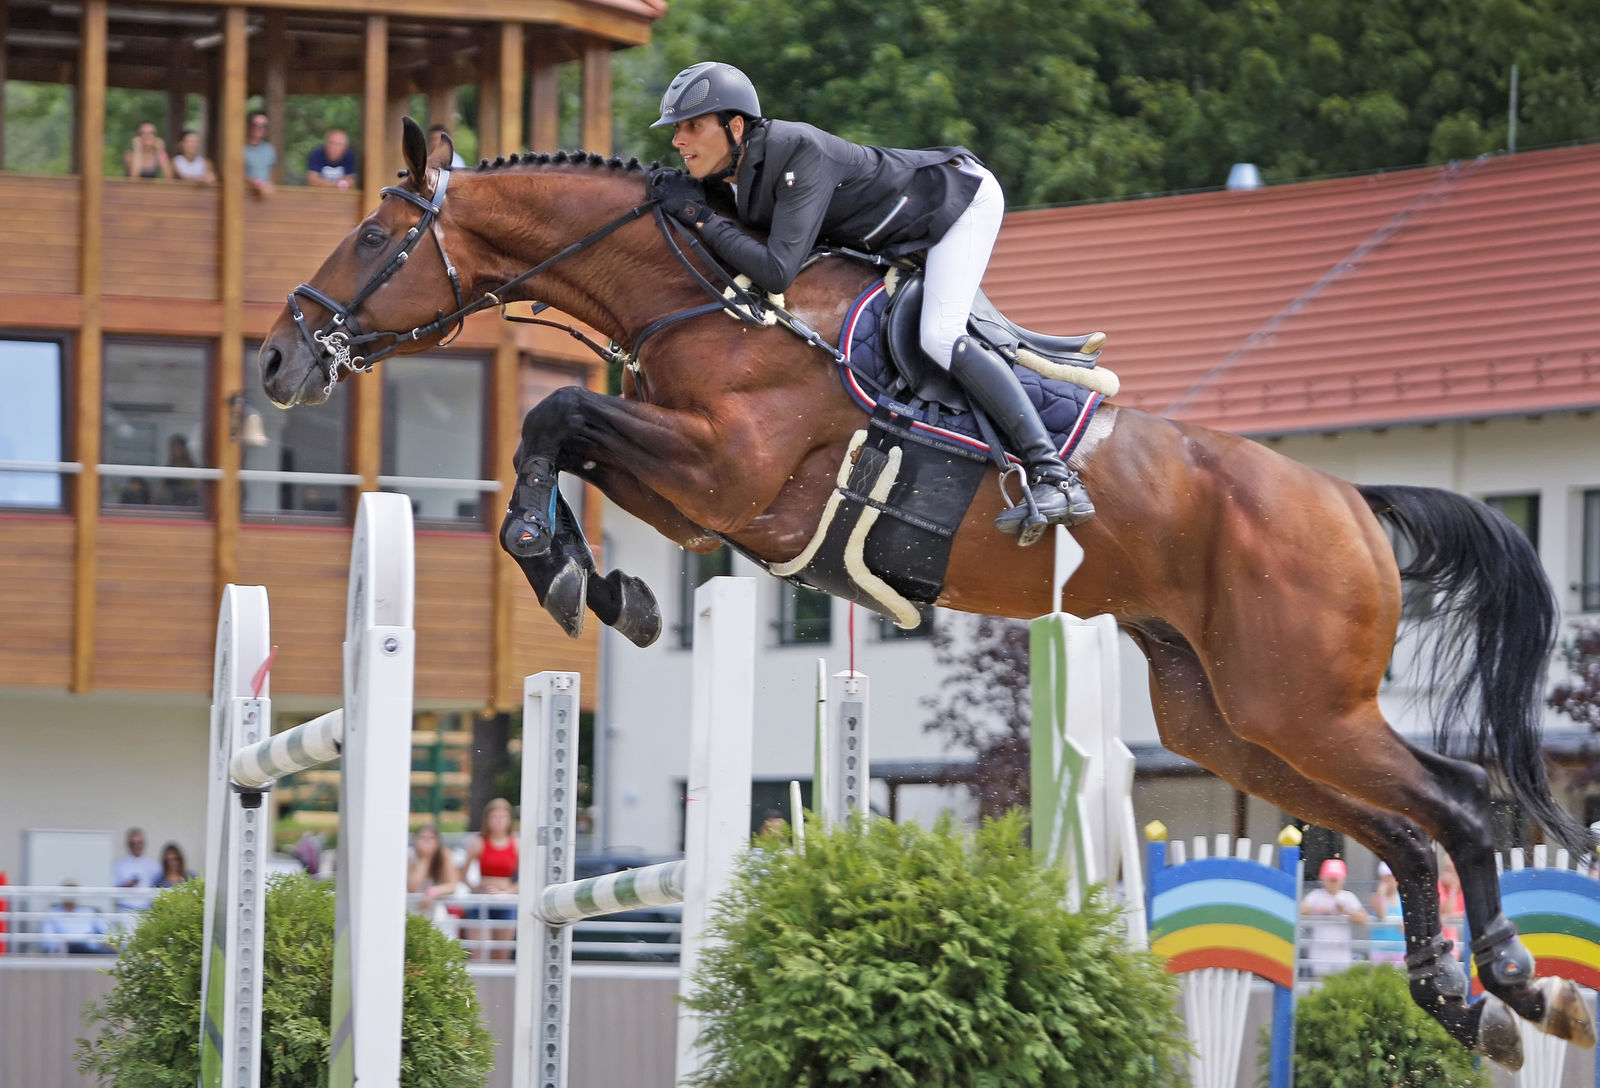 lovasok a székben)